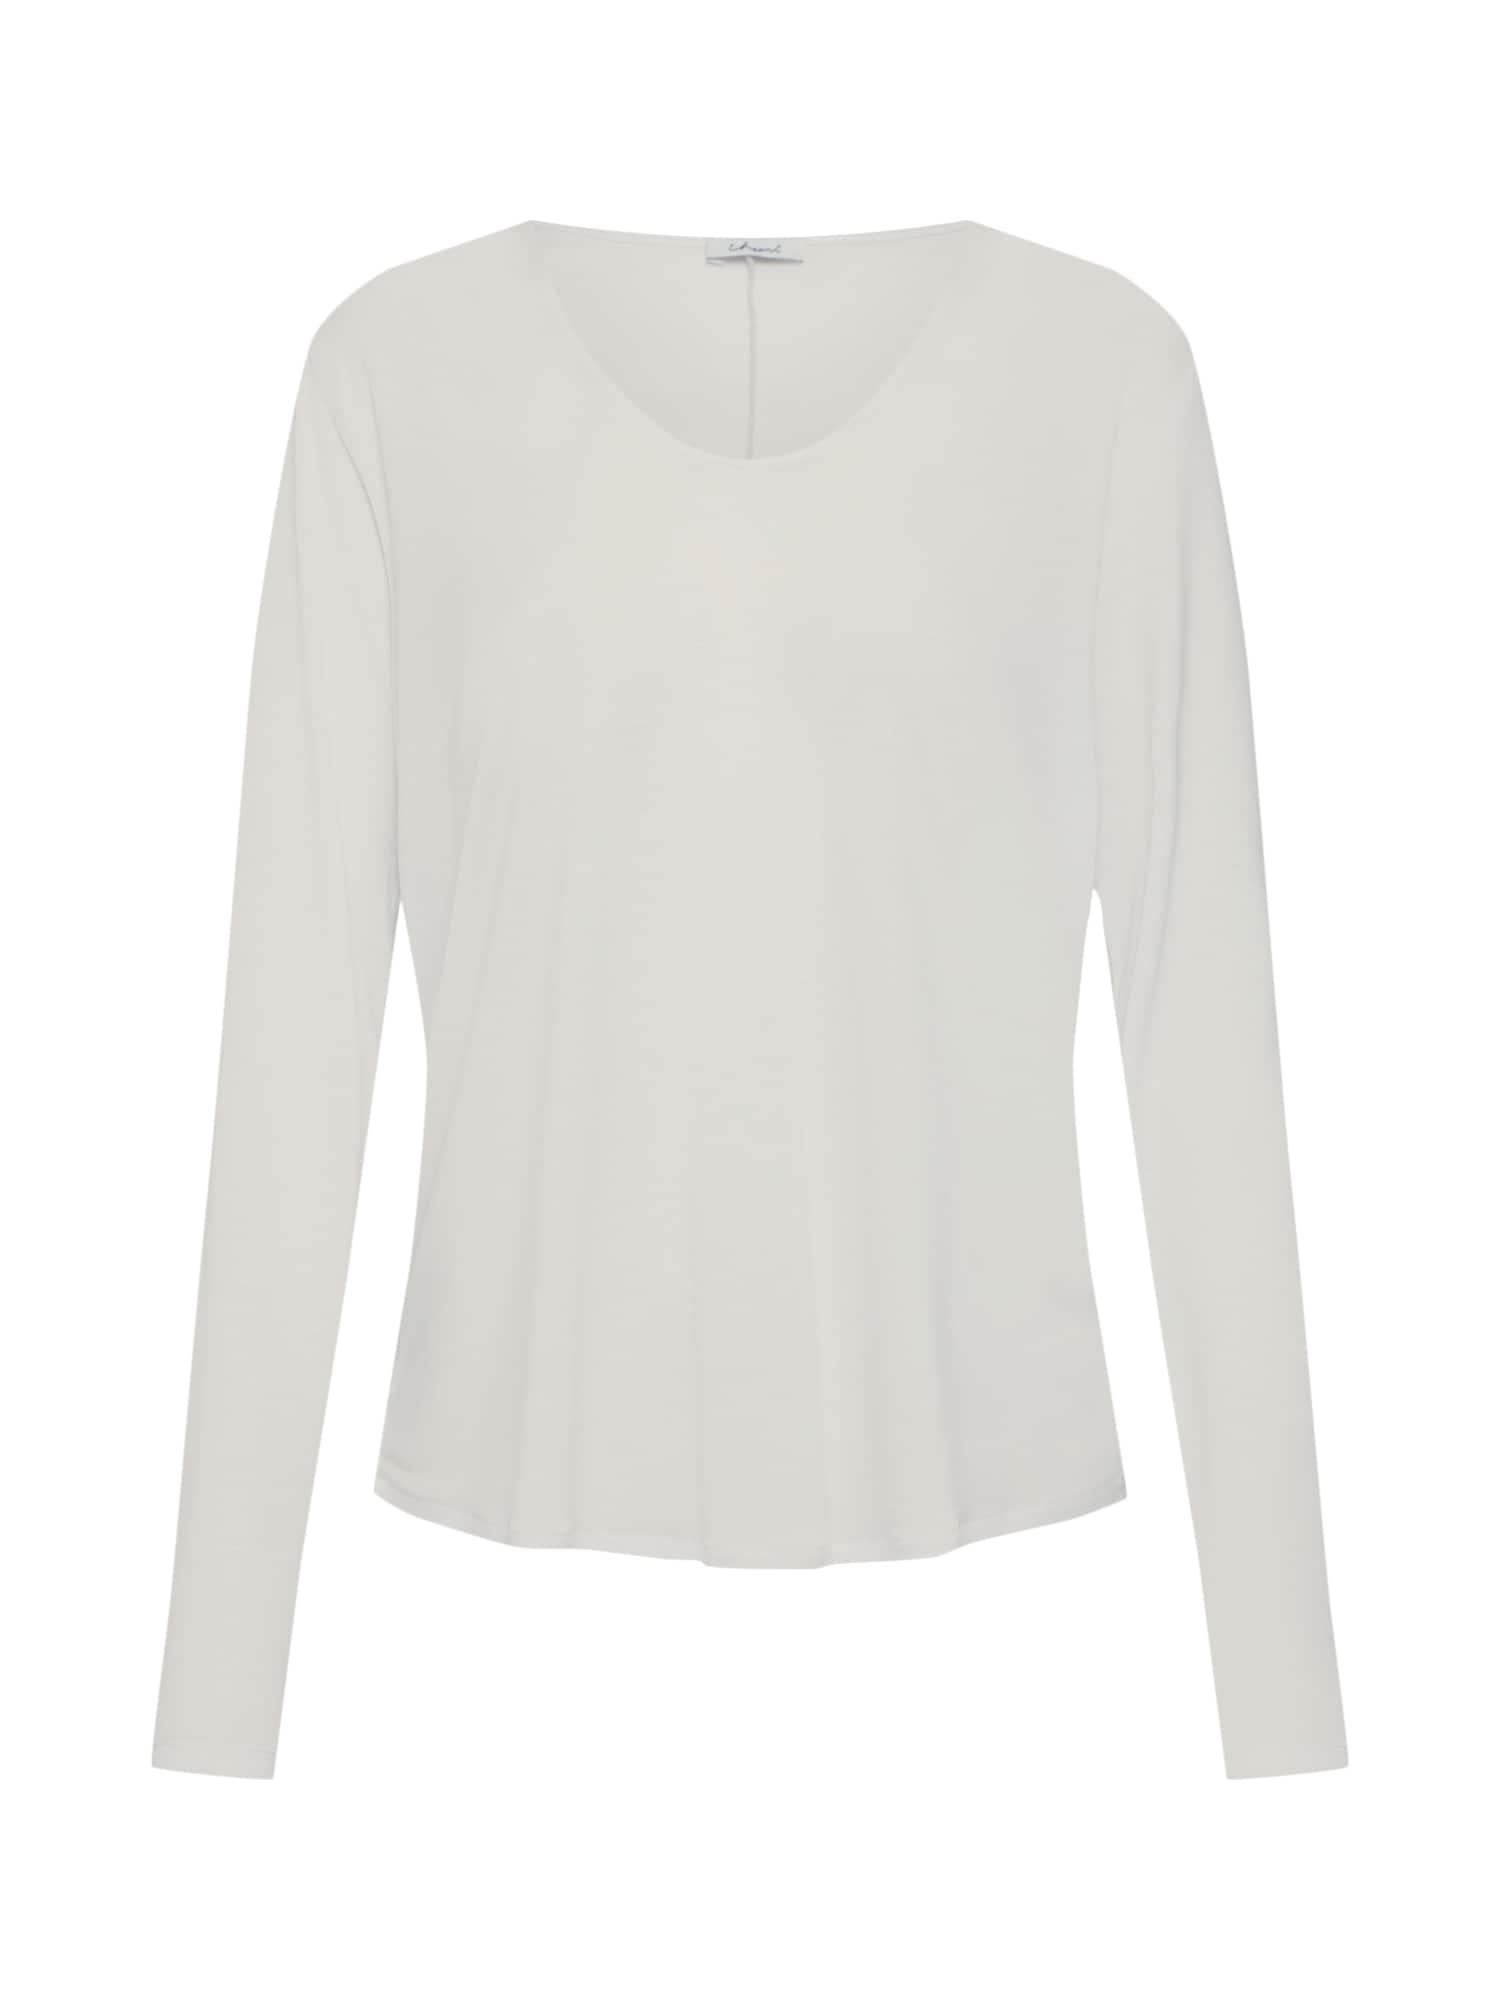 Tričko Maite bílá Iheart